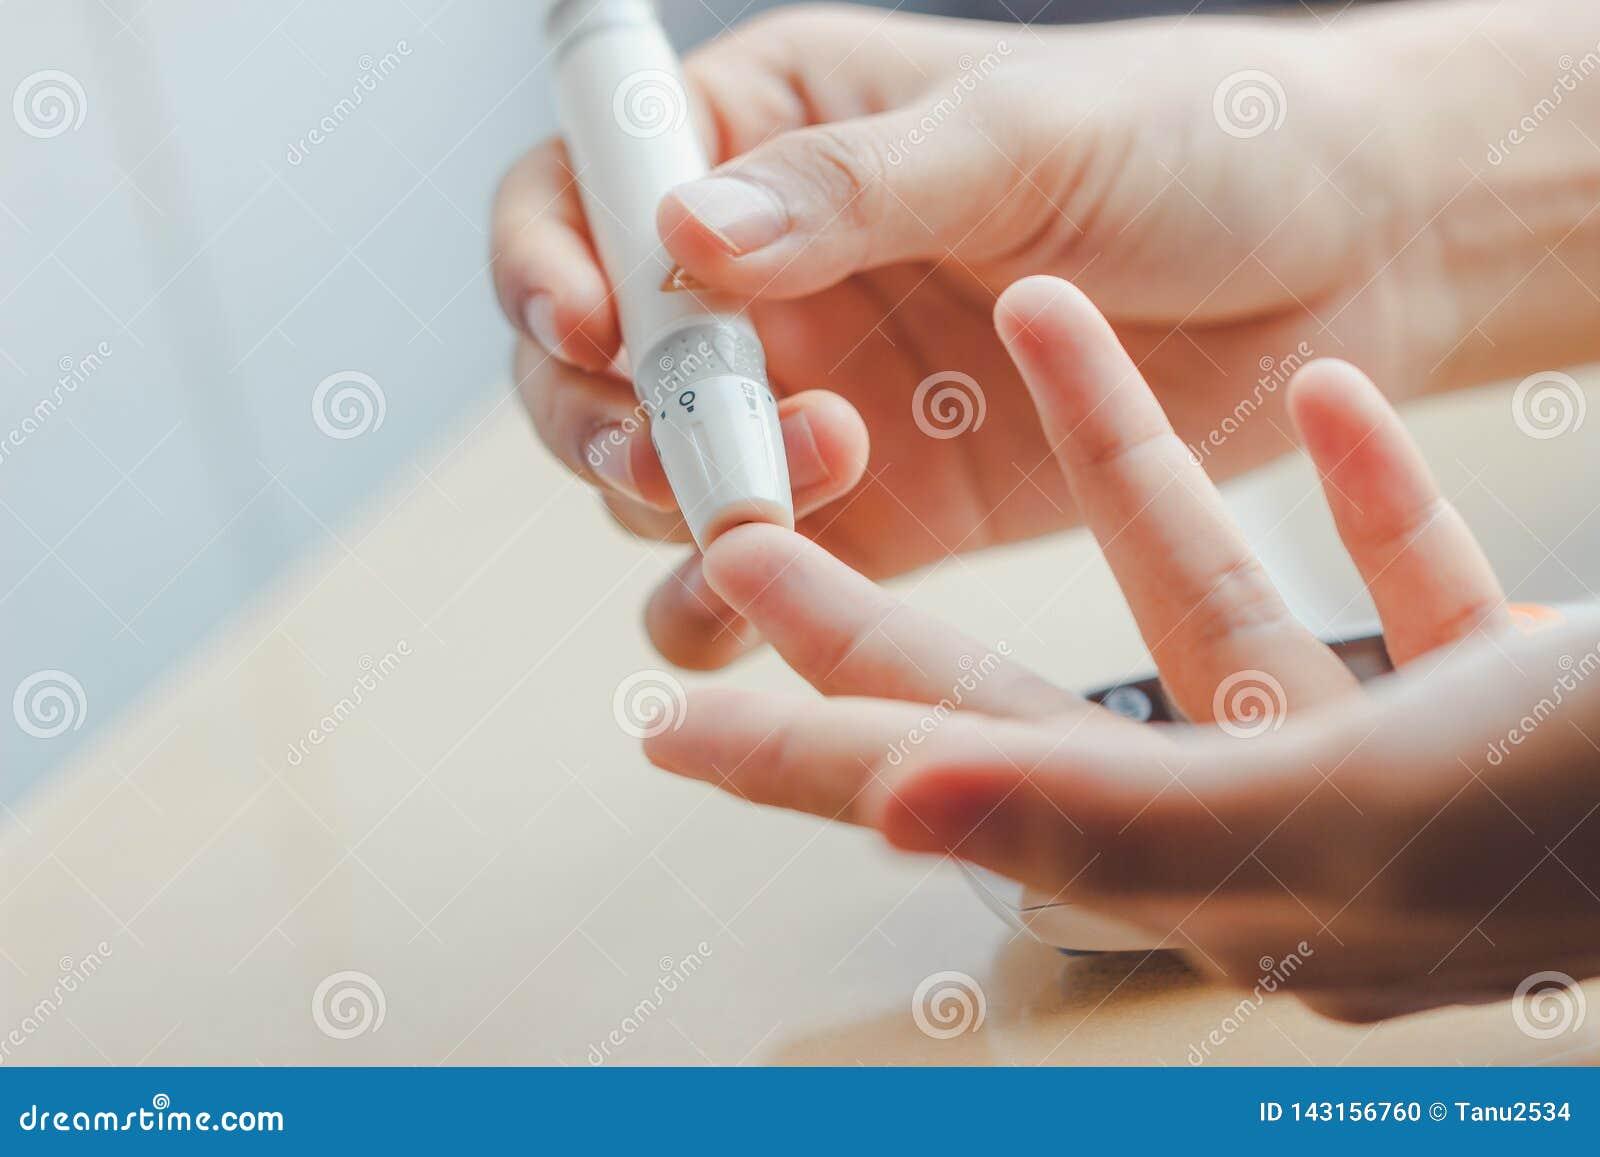 Stäng sig upp av kvinnahänder genom att använda lansetten på fingret för att kontrollera nivån för blodsocker vid glukosmetern ge